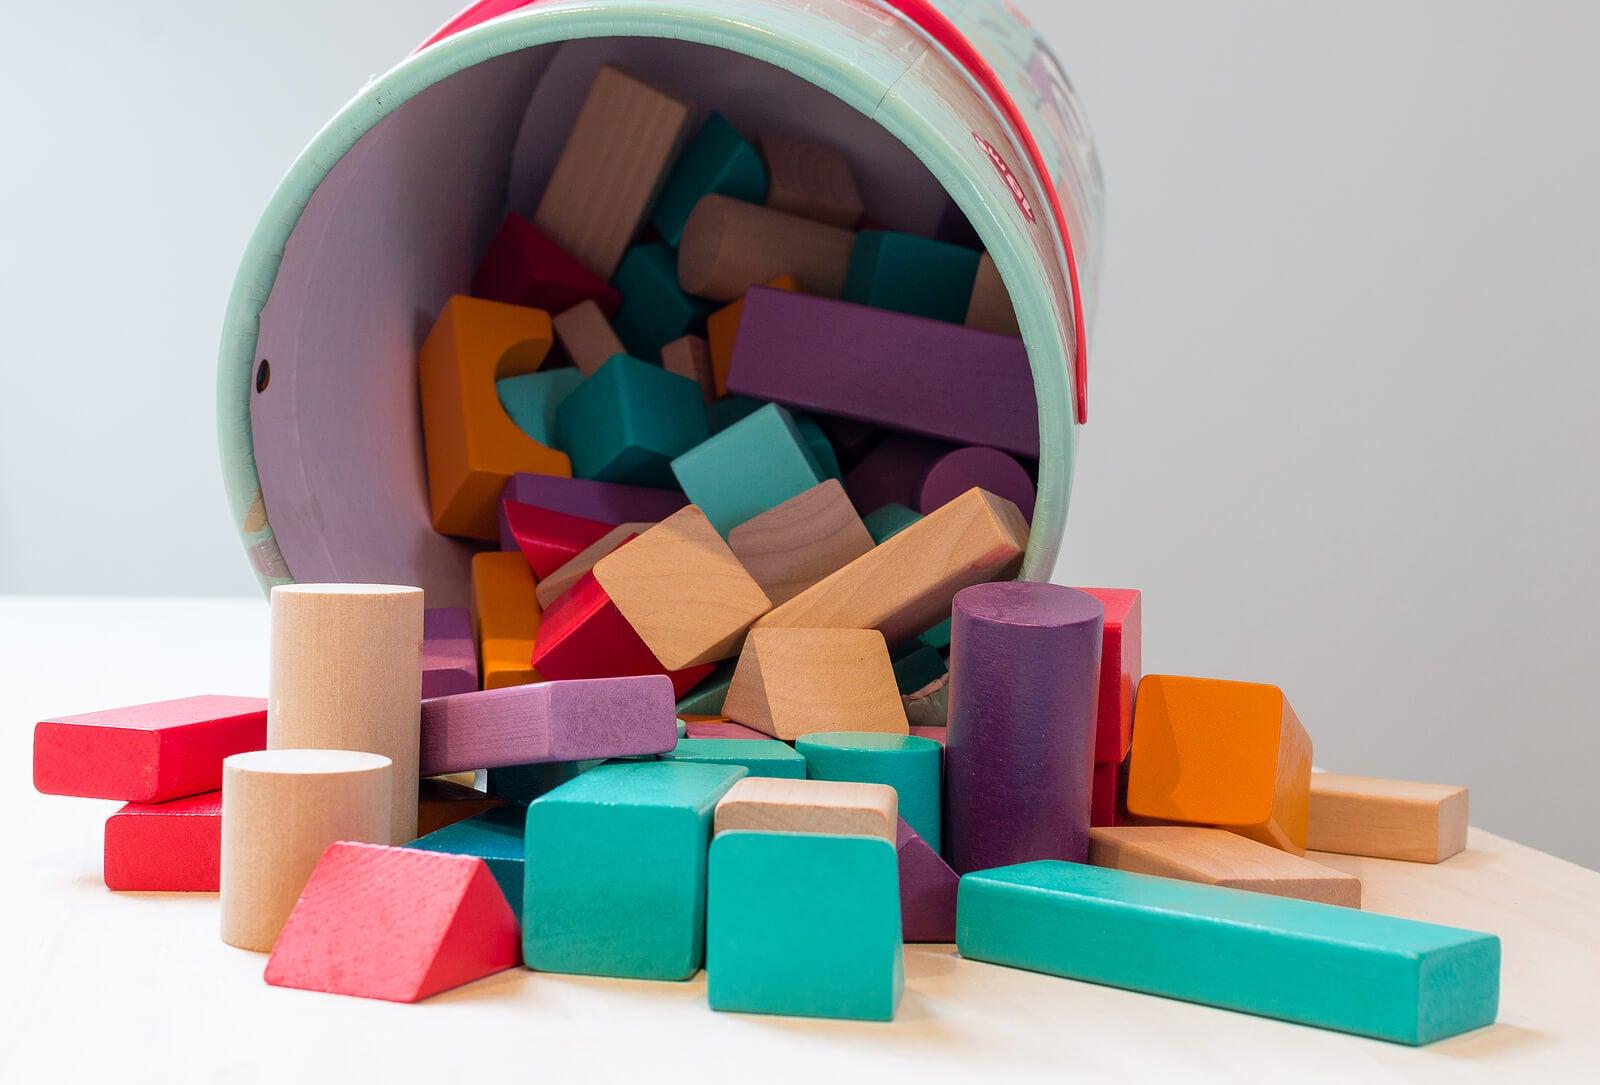 Piezas de madera, uno de los mejores juguetes ecológicos.